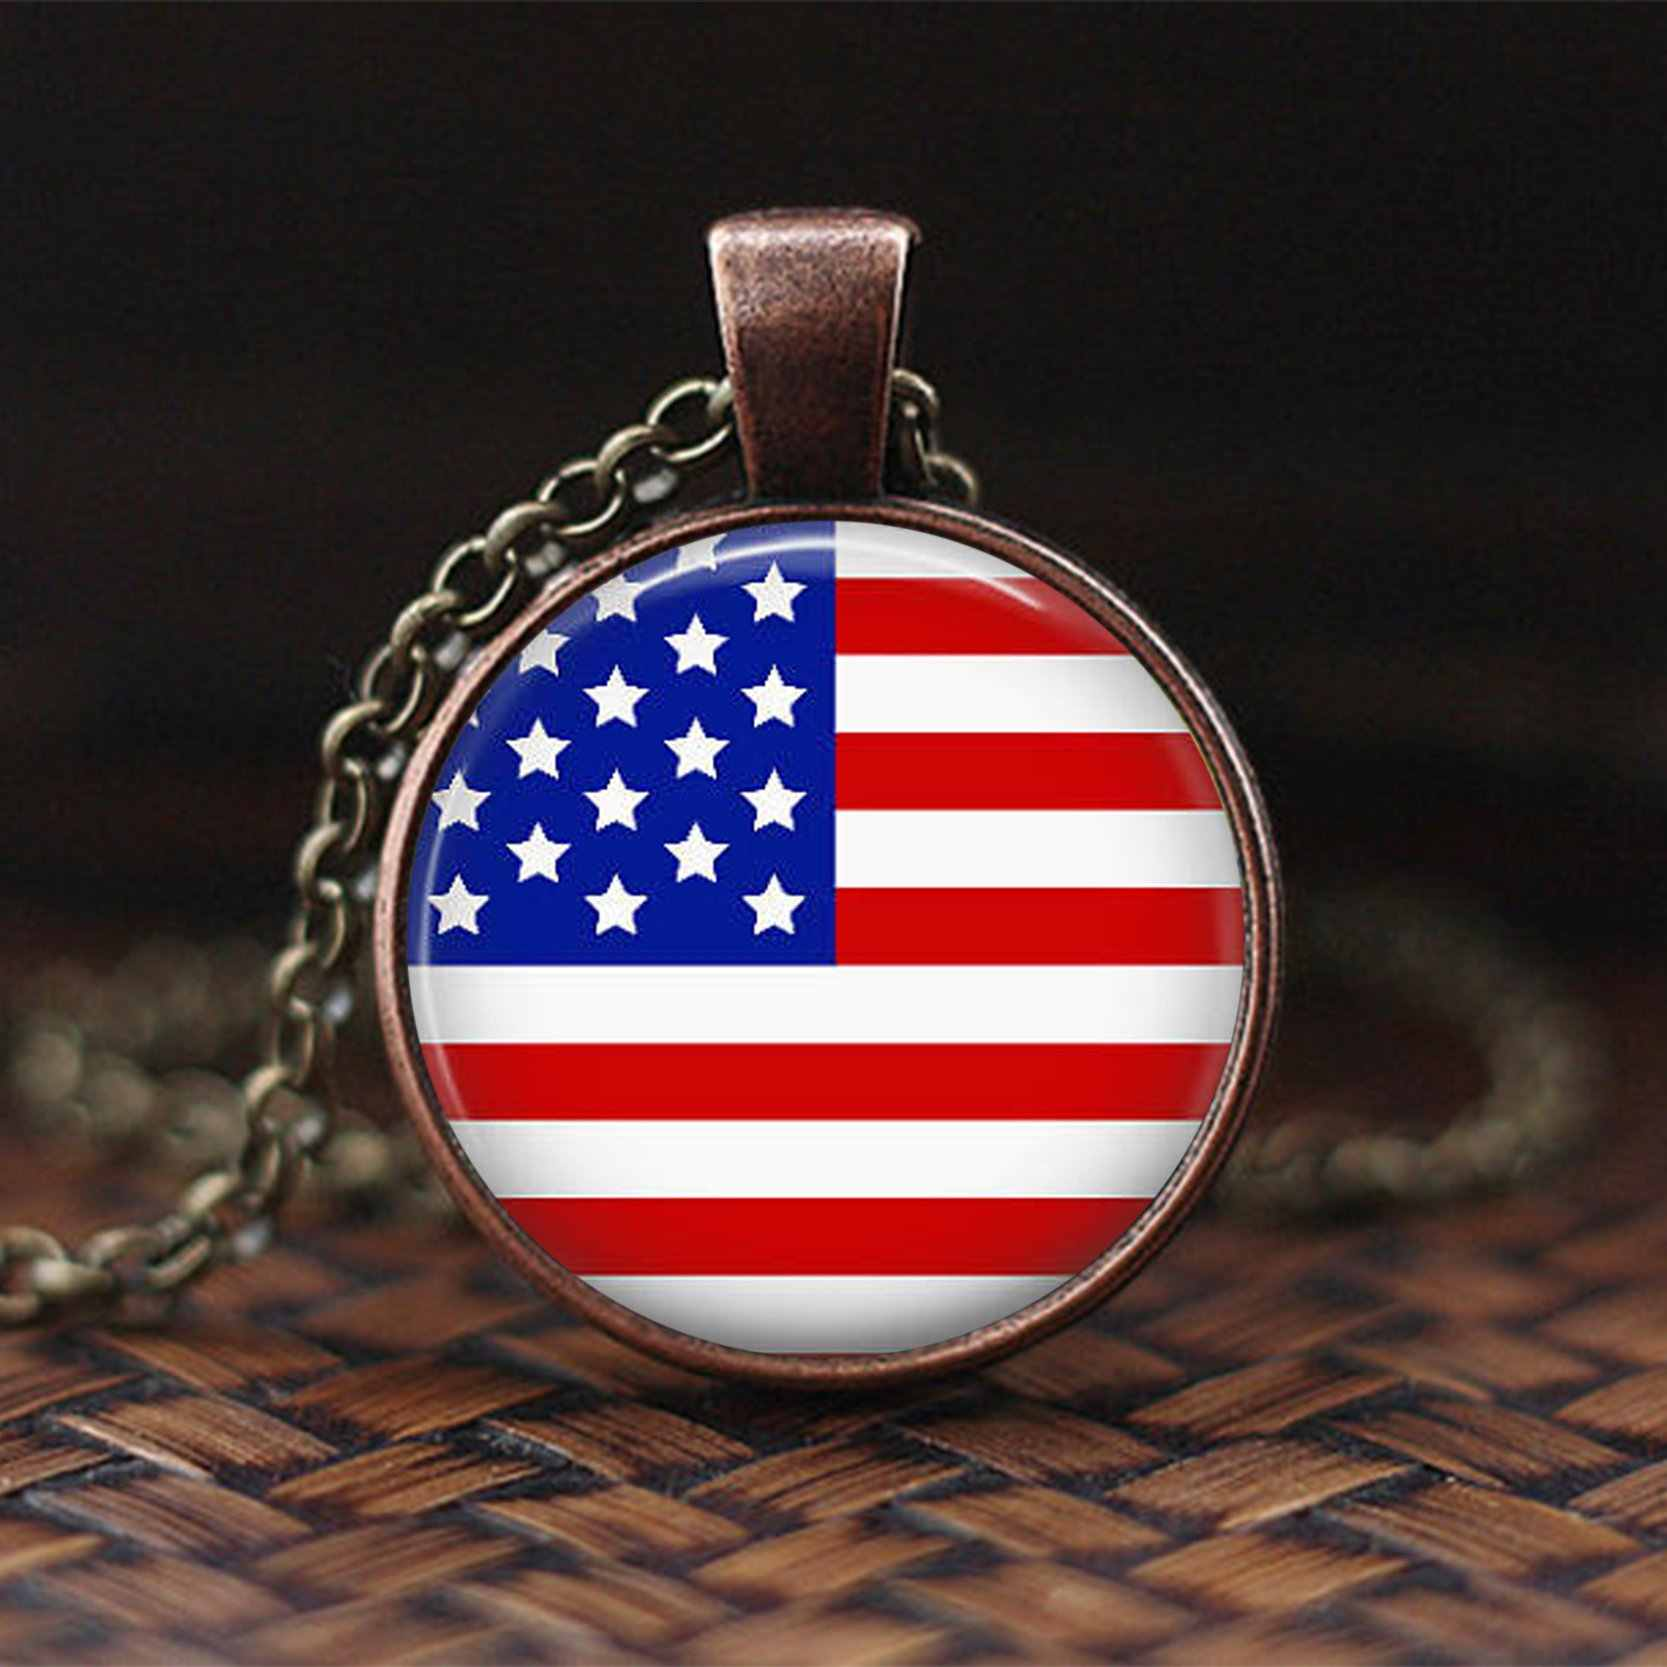 Unión Jack colgante con diseño de bandera Vintage moda mujer hombre joyería Estados Unidos bandera británica Gran Bretaña collar de cristal estilo cabujón regalo